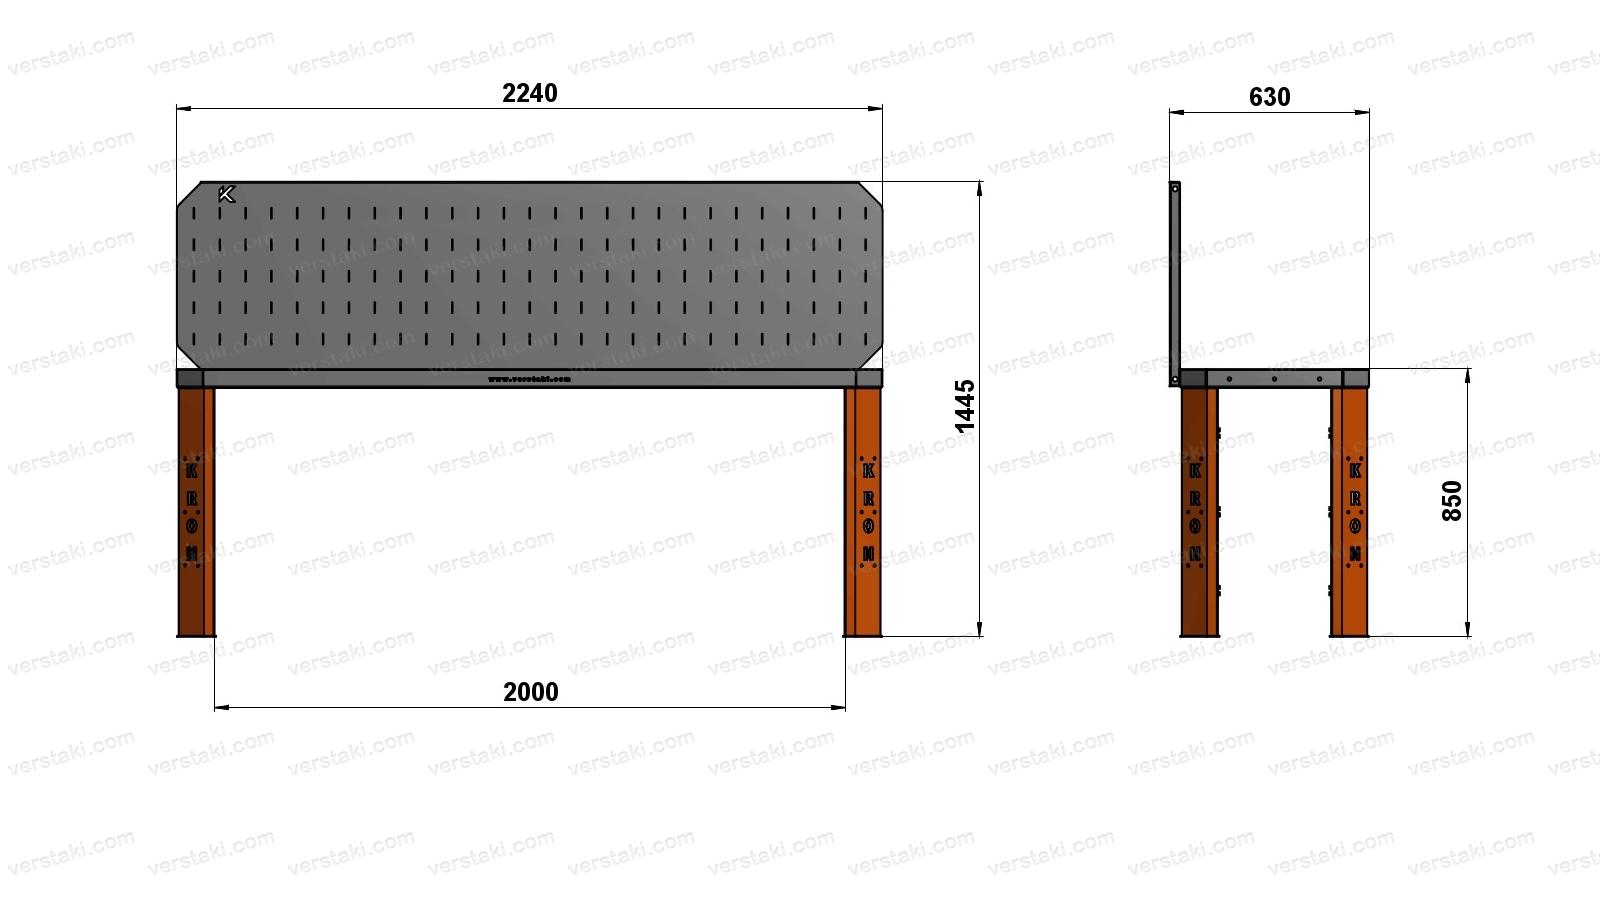 Чертеж слесарного верстака шириной 2240 мм вместе с экраном